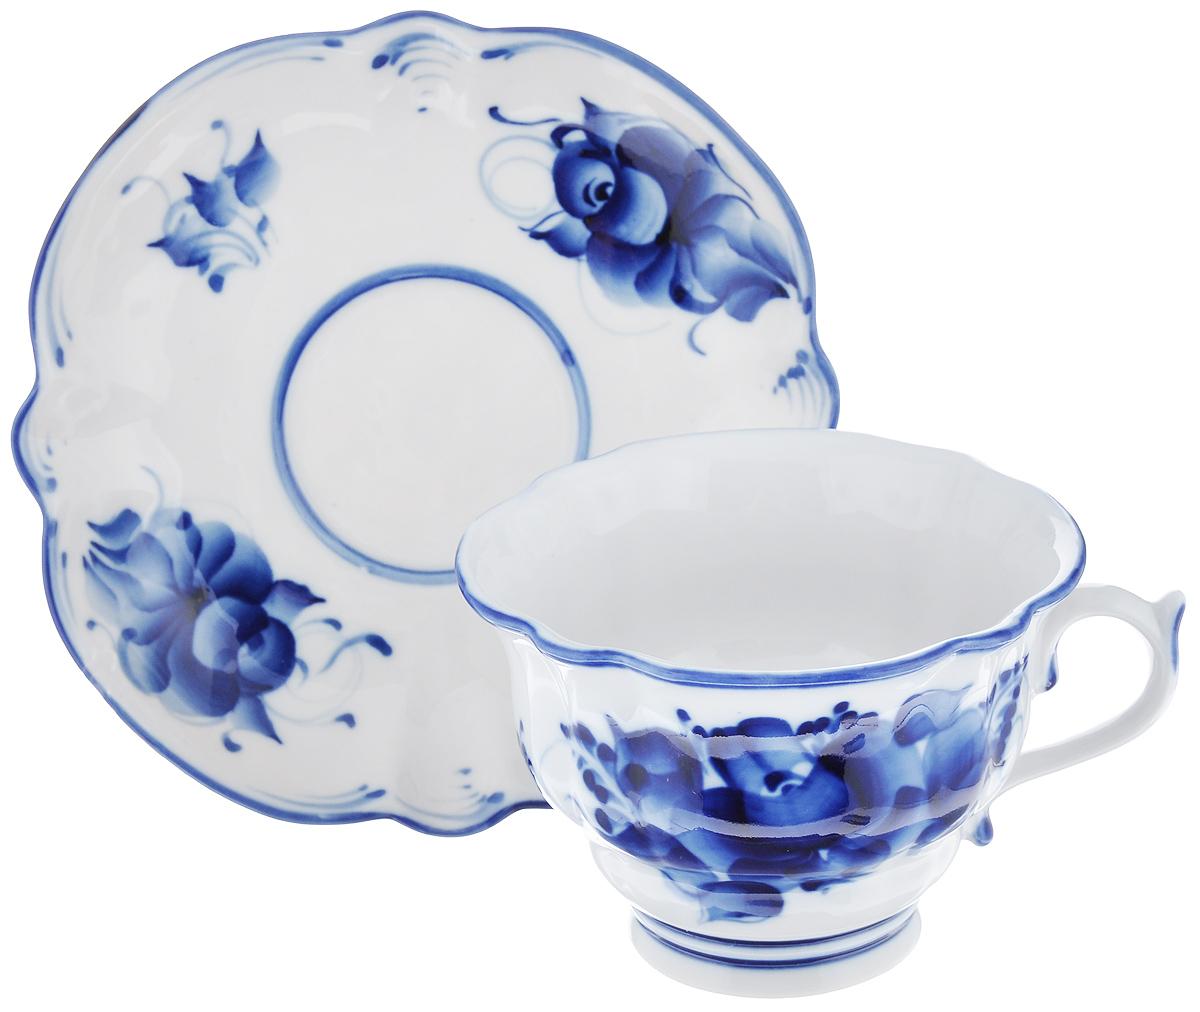 Чайная пара Орхидея, цвет: белый, синий, 2 предмета993040712Чайная пара Орхидея состоит из чашки и блюдца, выполненных из высококачественной керамики и оформленных гжельской росписью. Яркий дизайн, несомненно, придется вам по вкусу. Чайная пара Орхидея украсит ваш кухонный стол, а также станет замечательным подарком к любому празднику. Уважаемые клиенты! Обратите ваше внимание, что роспись на изделии выполнена вручную. Рисунок может немного отличаться от изображения на фотографии. Объем чашки: 250 мл. Диаметр чашки (по верхнему краю): 11 см. Диаметр дна чашки: 5,5 см. Высота чашки: 7,5 см. Диаметр блюдца: 15,5 см.